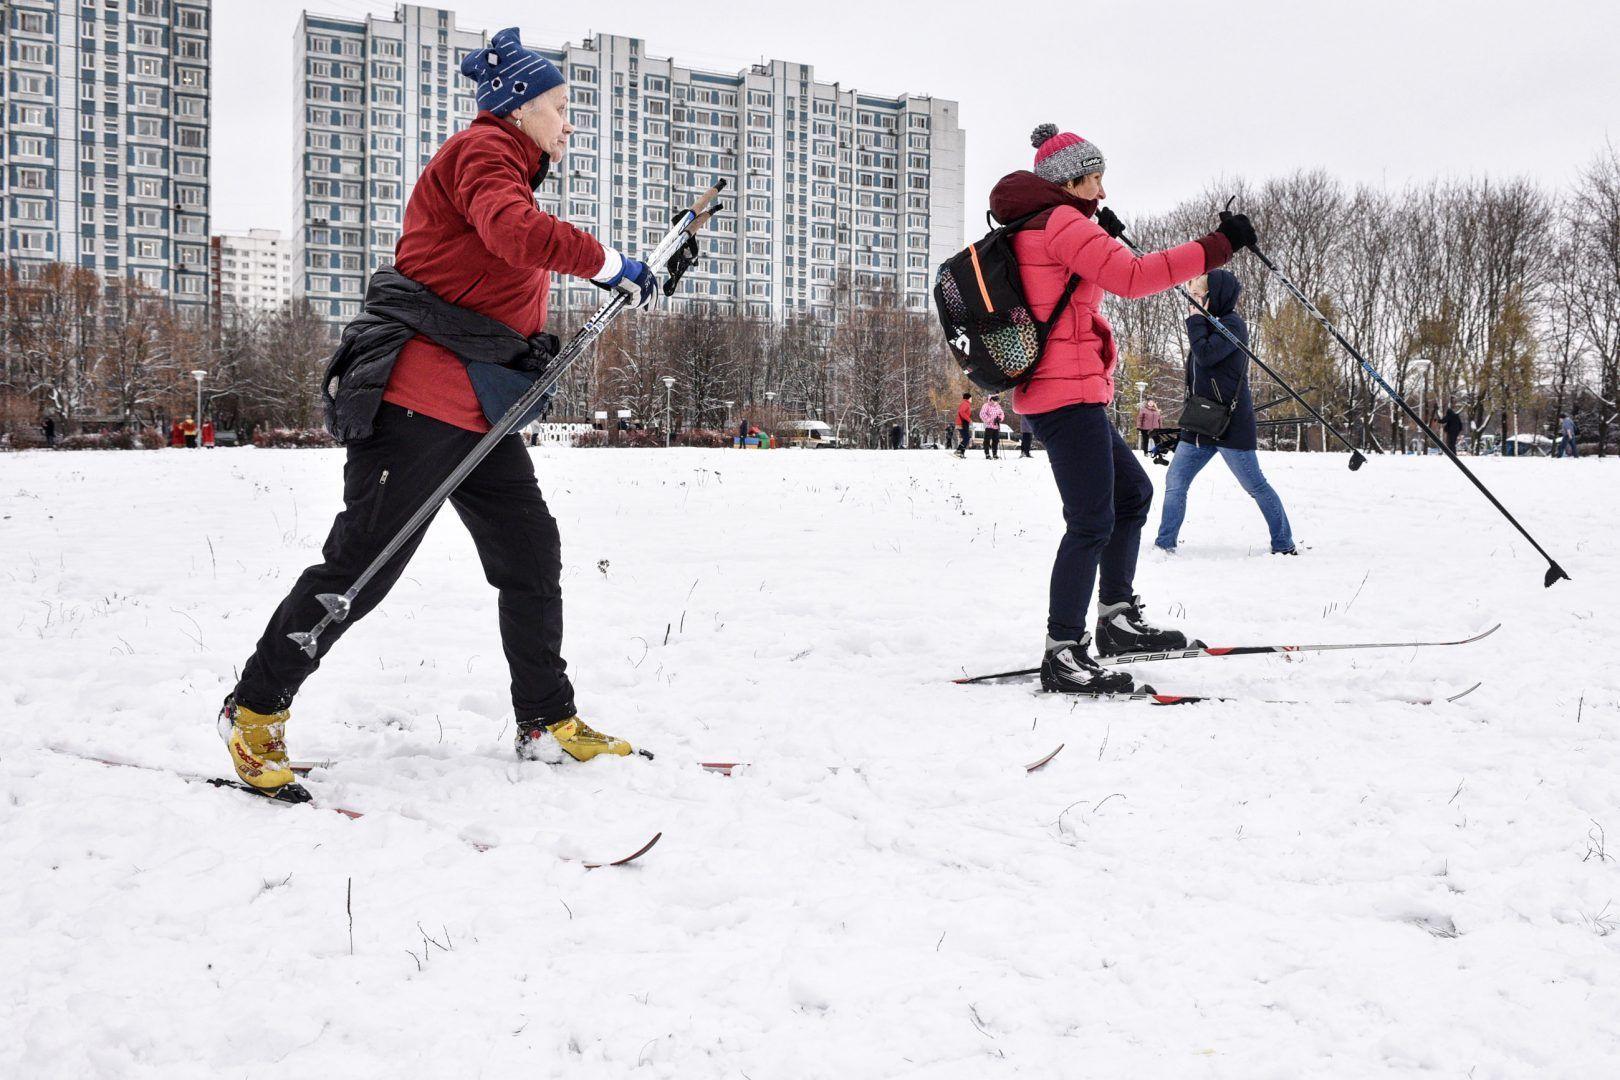 В случае сильных морозов занятия лучше ограничить до одного часа.Фото: Пелагия Замятина, «Вечерняя Москва»